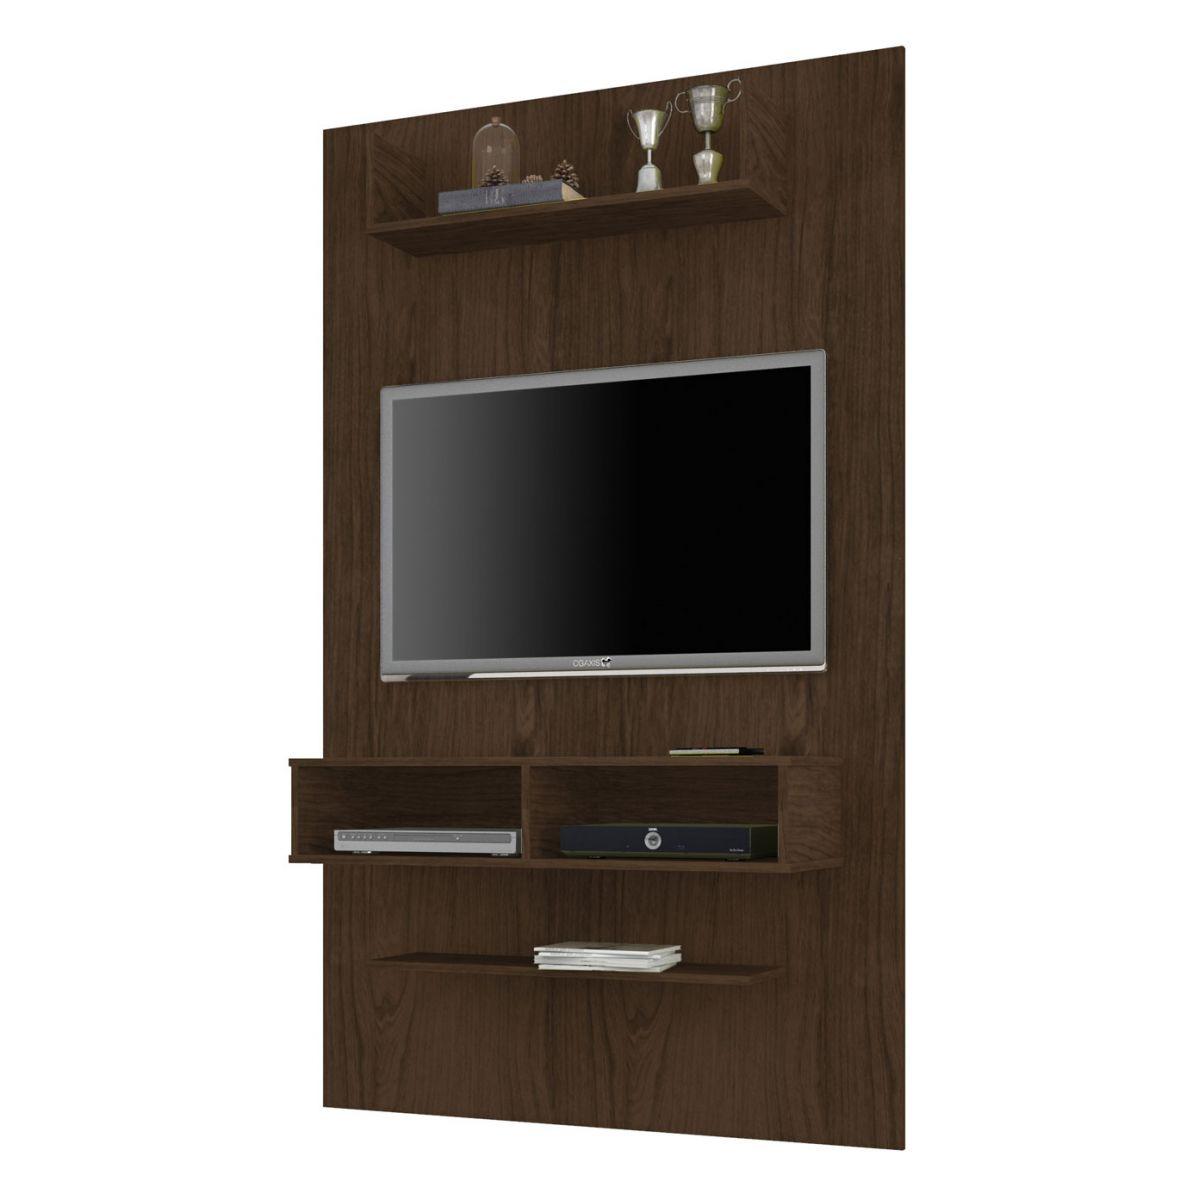 Painel para TV JB 5001 Imbuia - JB Bechara  - MoveisAqui - Loja de móveis online!